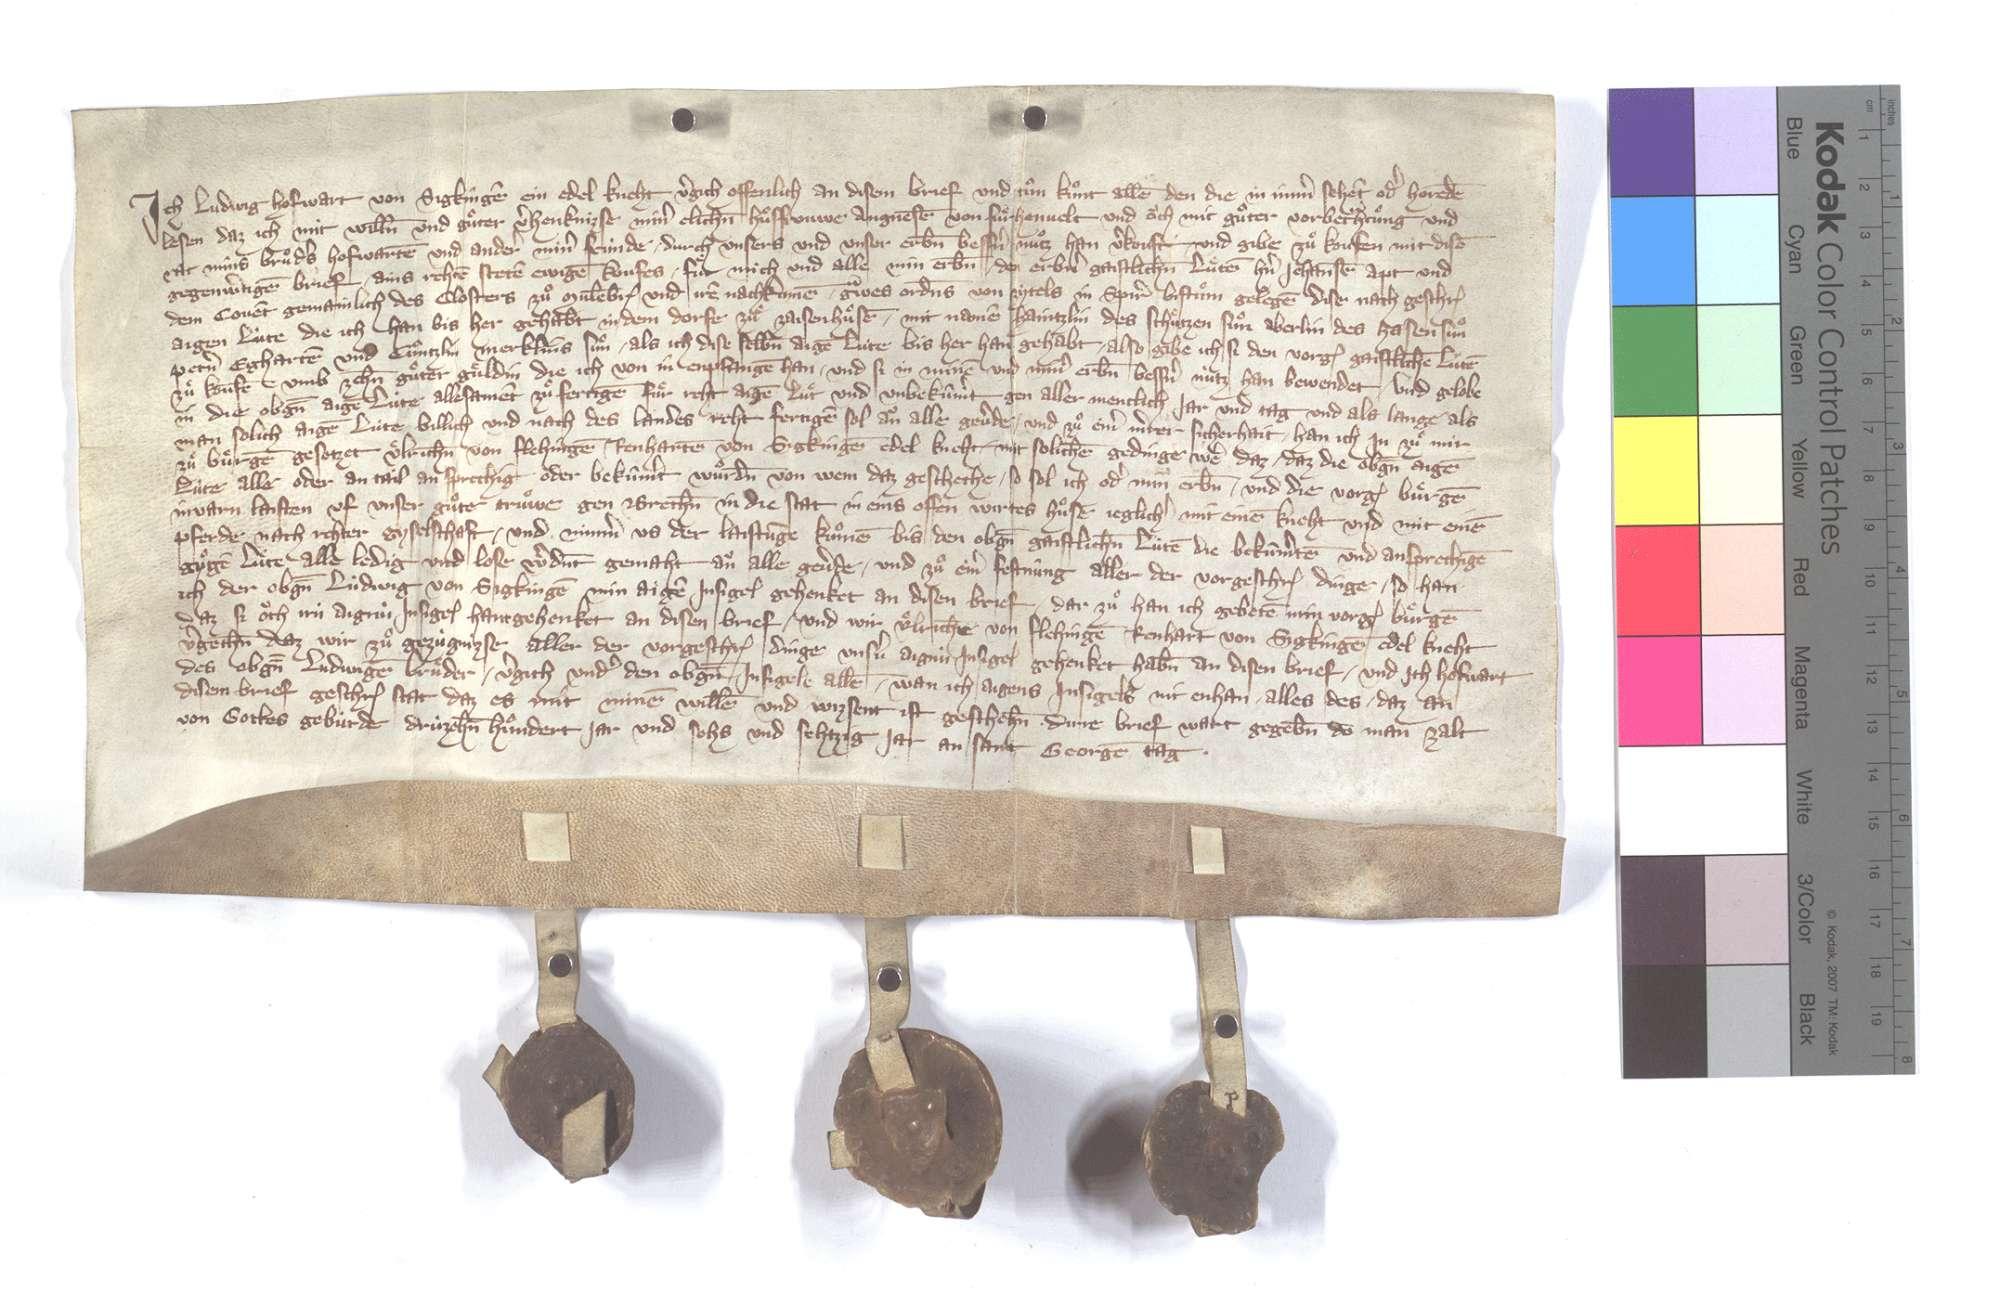 Fertigung des Ludwig Hofwart von Sickingen um seinen Leibeigenen in Zaisenhausen., Text